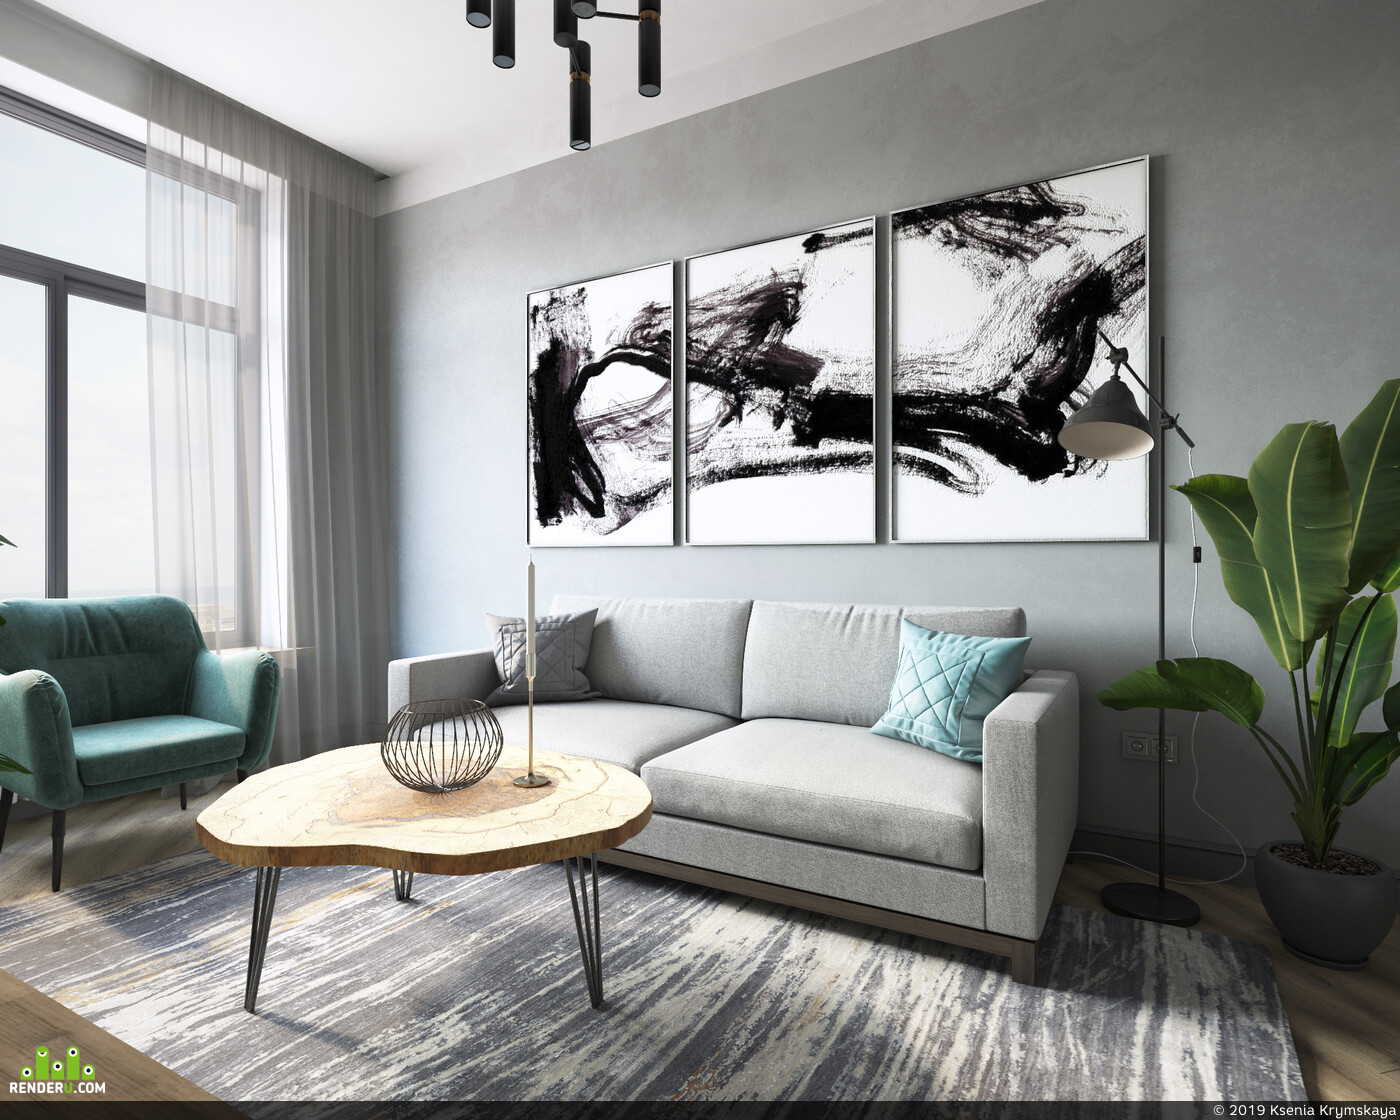 3д визуализация, Визуализация, дизайн интерьера, interior interior design design 3D 3D Studio Max 3D архитектура интерьер дизайн интерьера интерьер, visualization, визуализация интерьеров